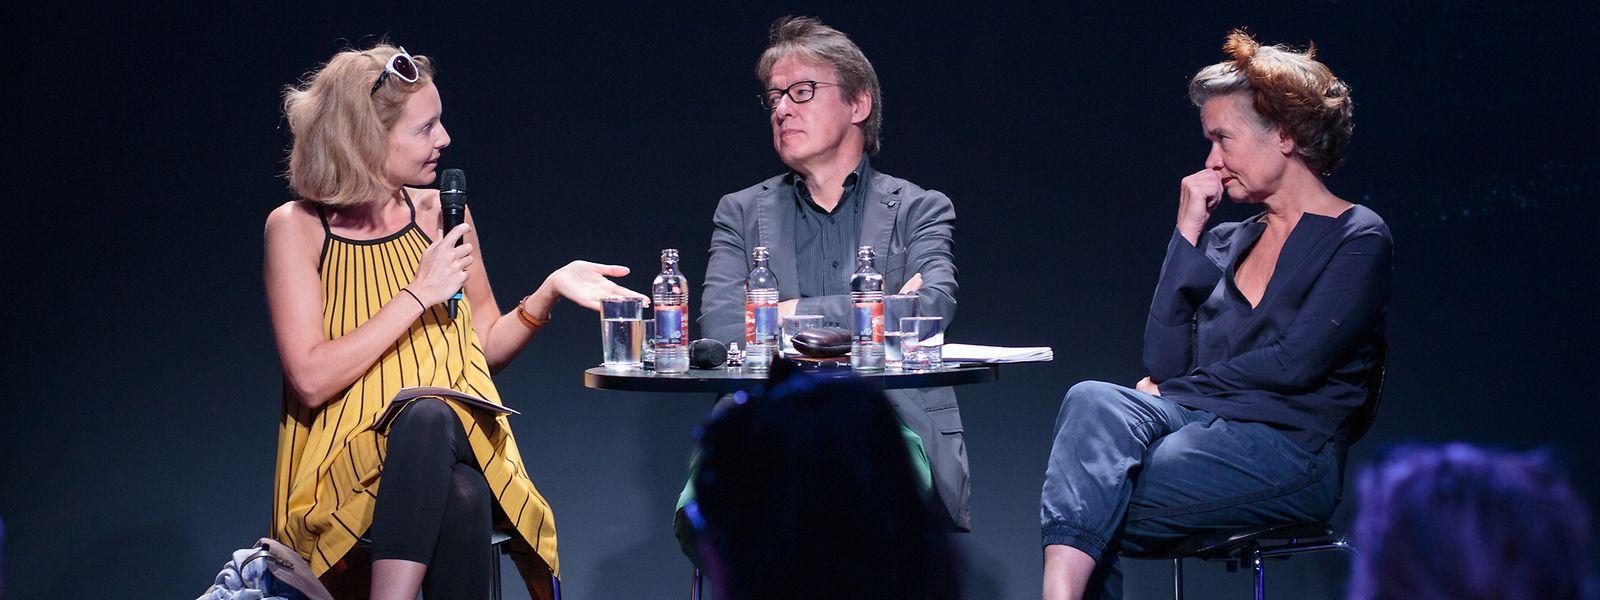 Anne Simon, Programmkoordinatorin, Frank Hoffmann, Direktor, und Ruth Heynen, Chefdramaturgin (v.l.n.r.) während der TNL Pressekonferenz.